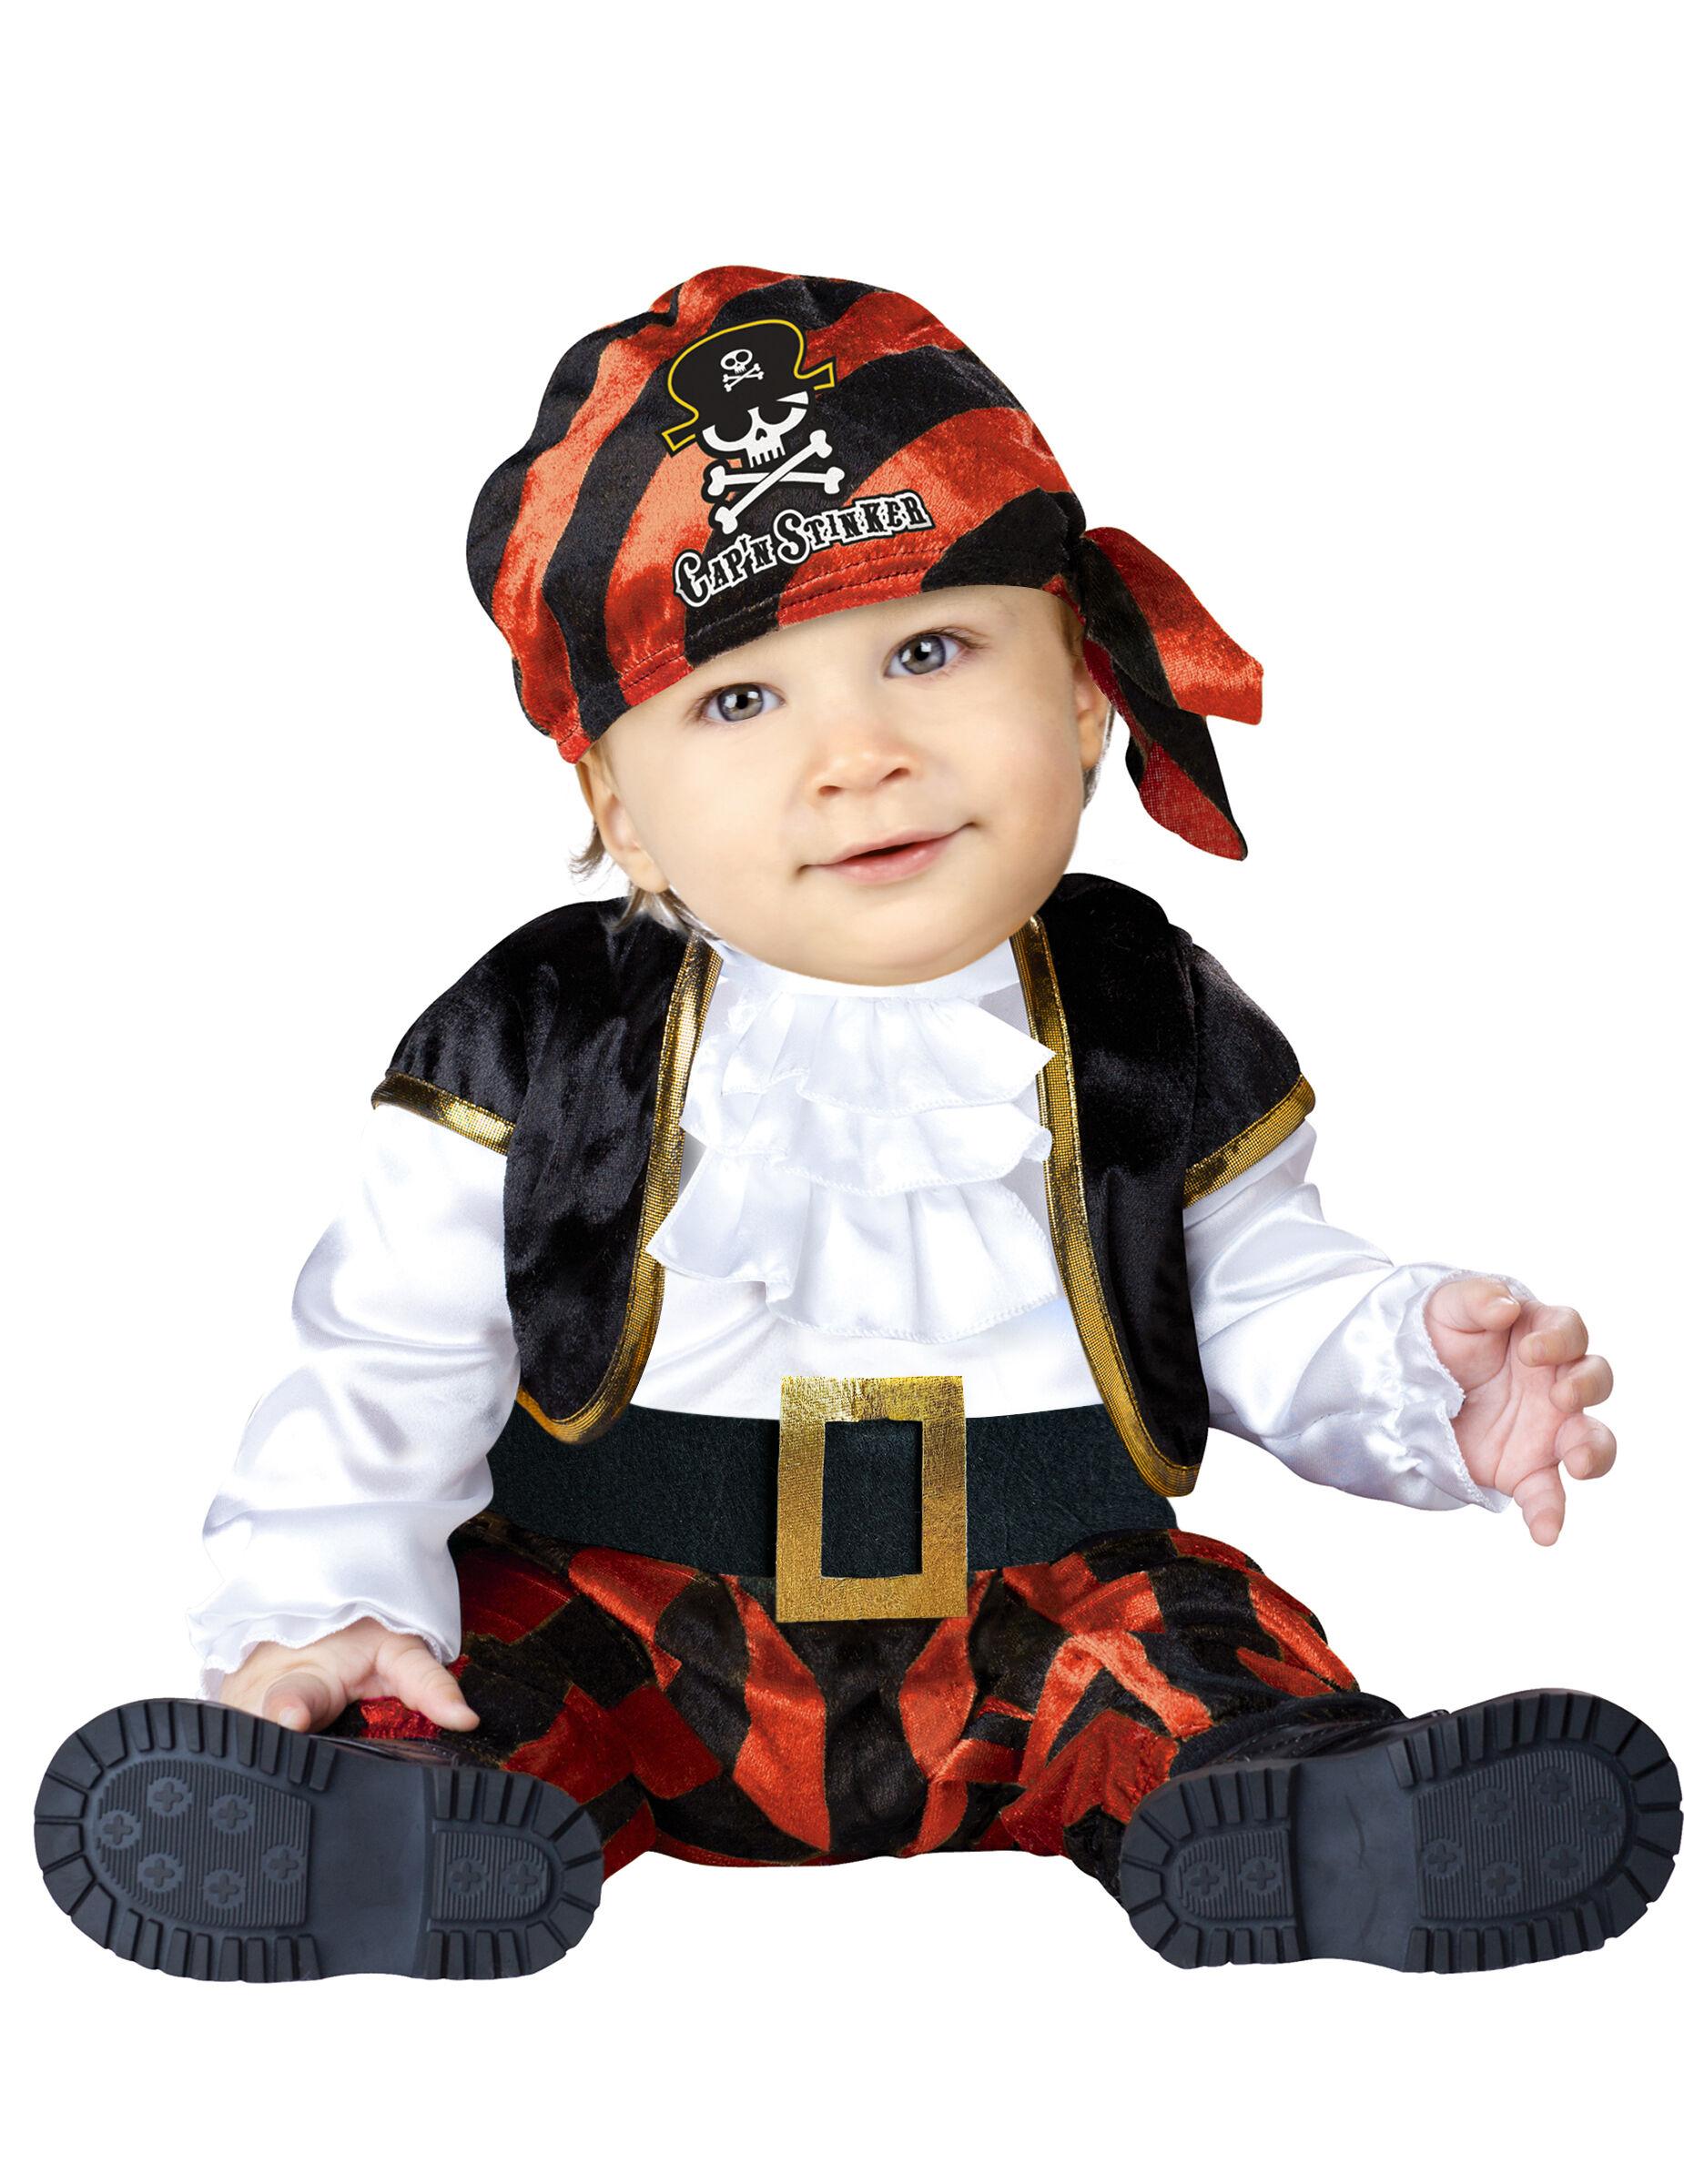 Deguisetoi Déguisement Pirate pour bébé - Classique - Taille: 6-12 mois (66-74 cm)